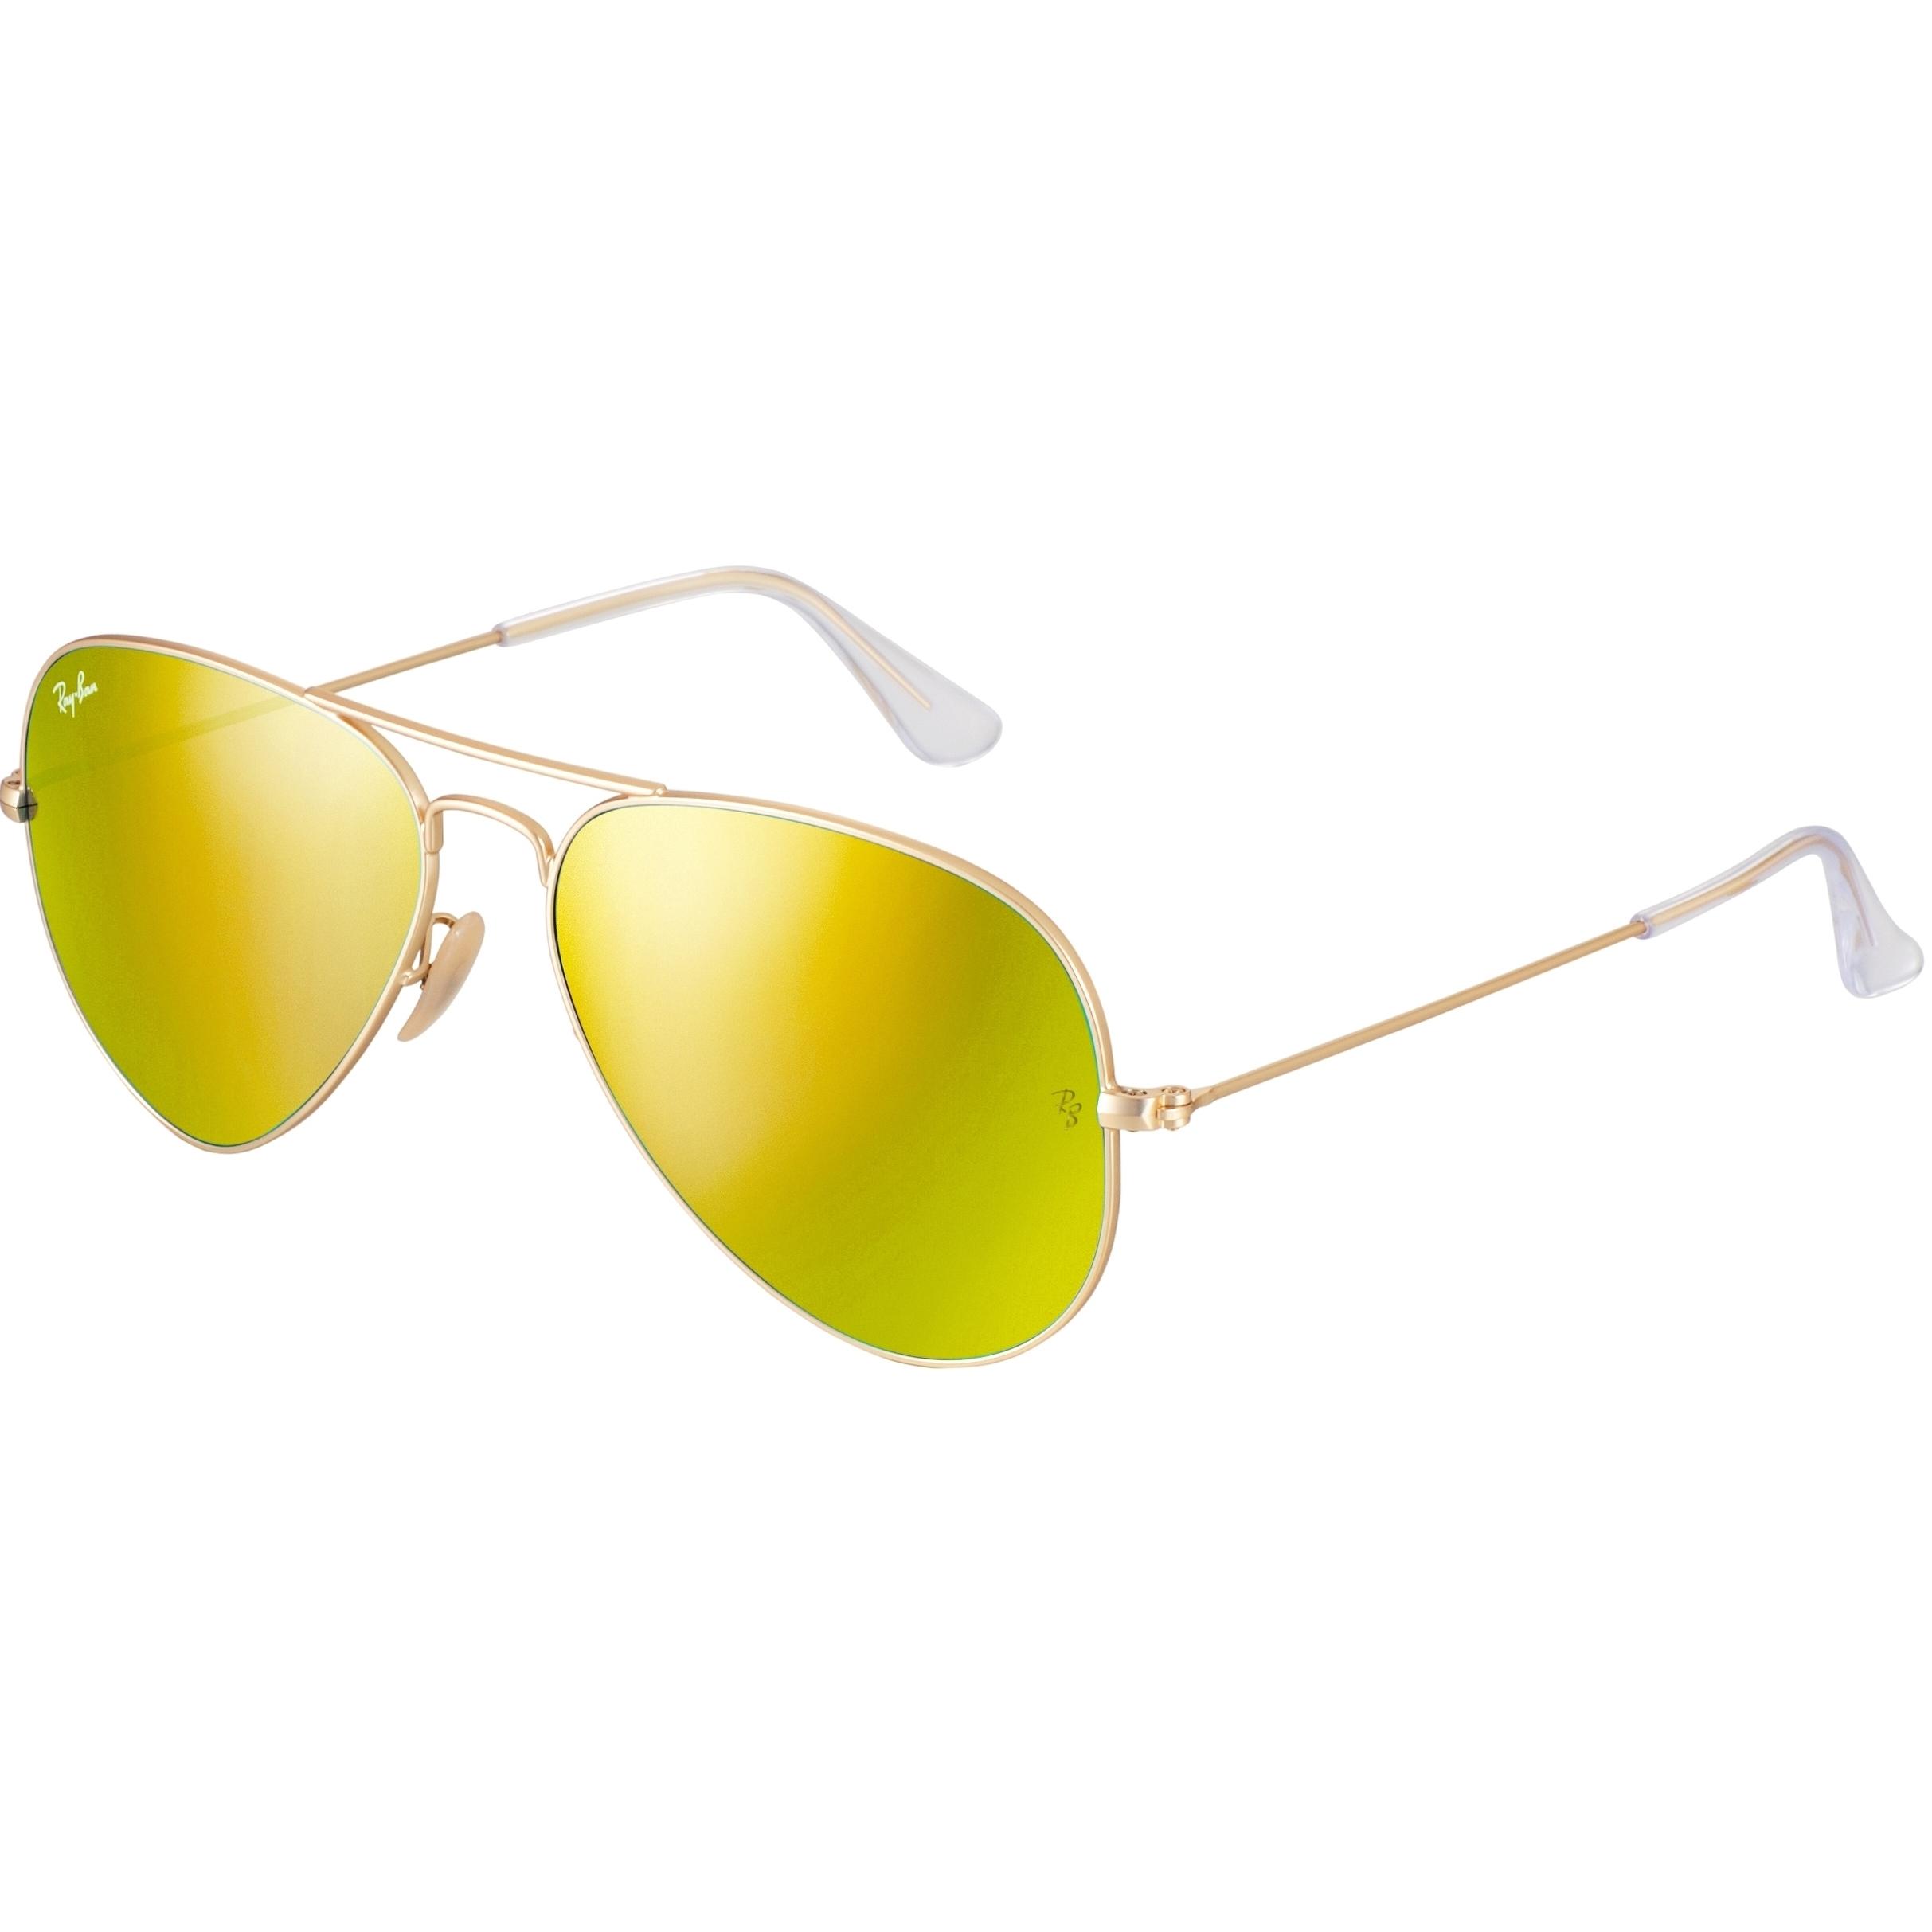 a66727a3f3718 Óculos Ray Ban Aviador - Modelo Unissex com Armação Dourada e Lentes  Espelhadas Amarelo